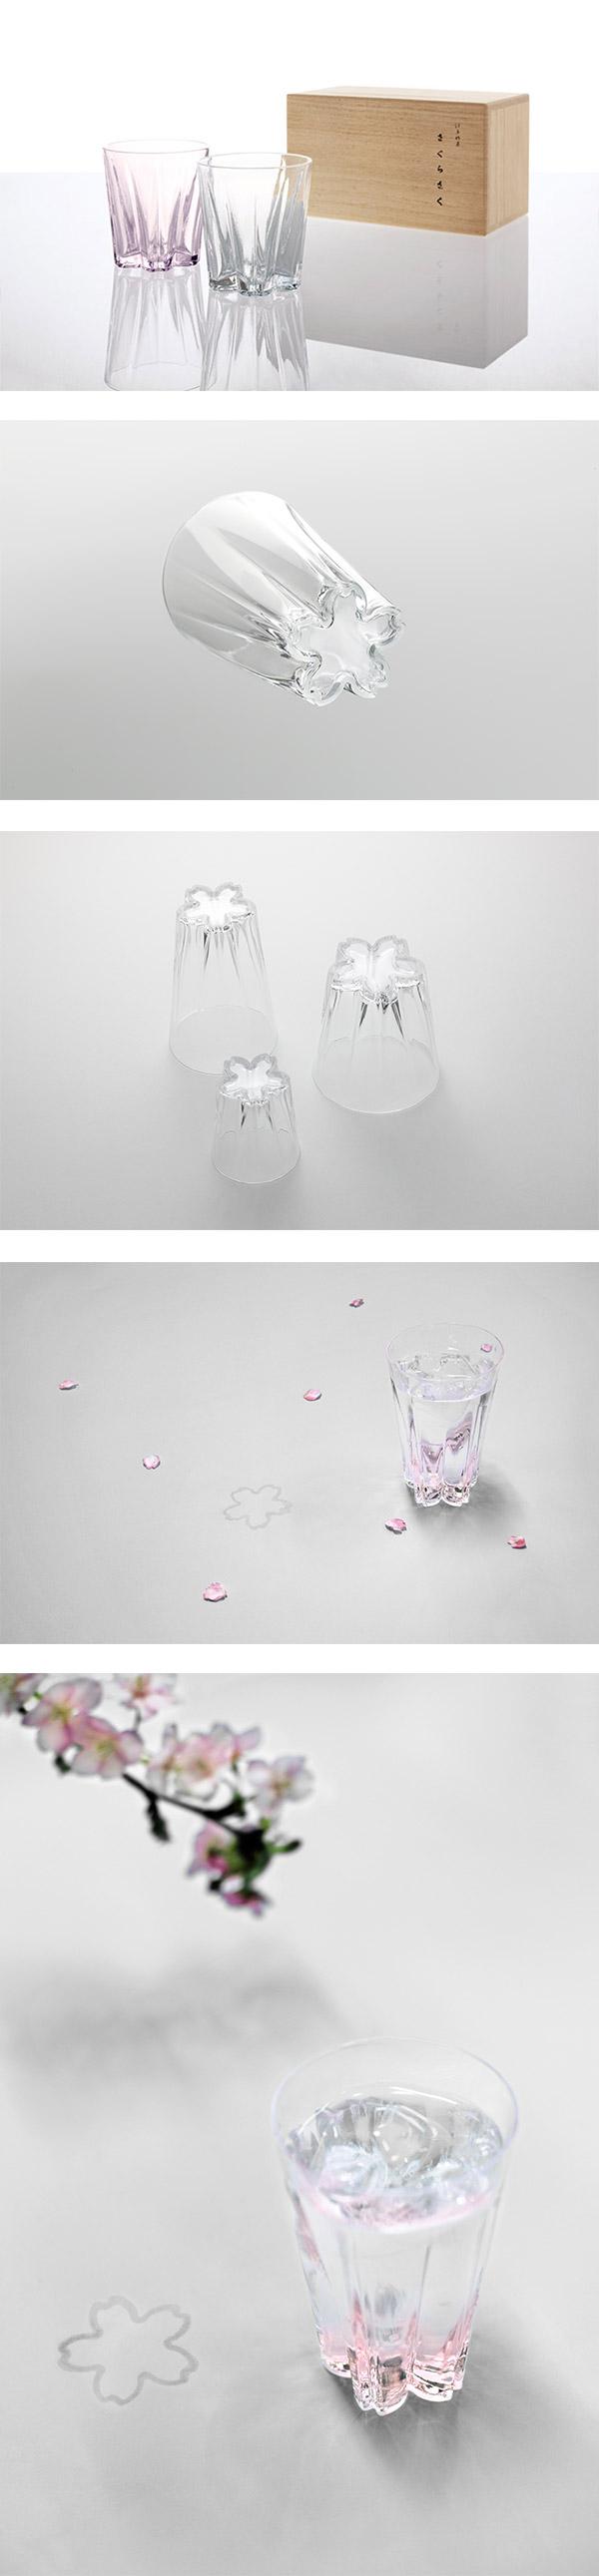 日本 Perrocaliente SAKURASAKU 櫻花杯 雙入同款同色 清酒杯 透明